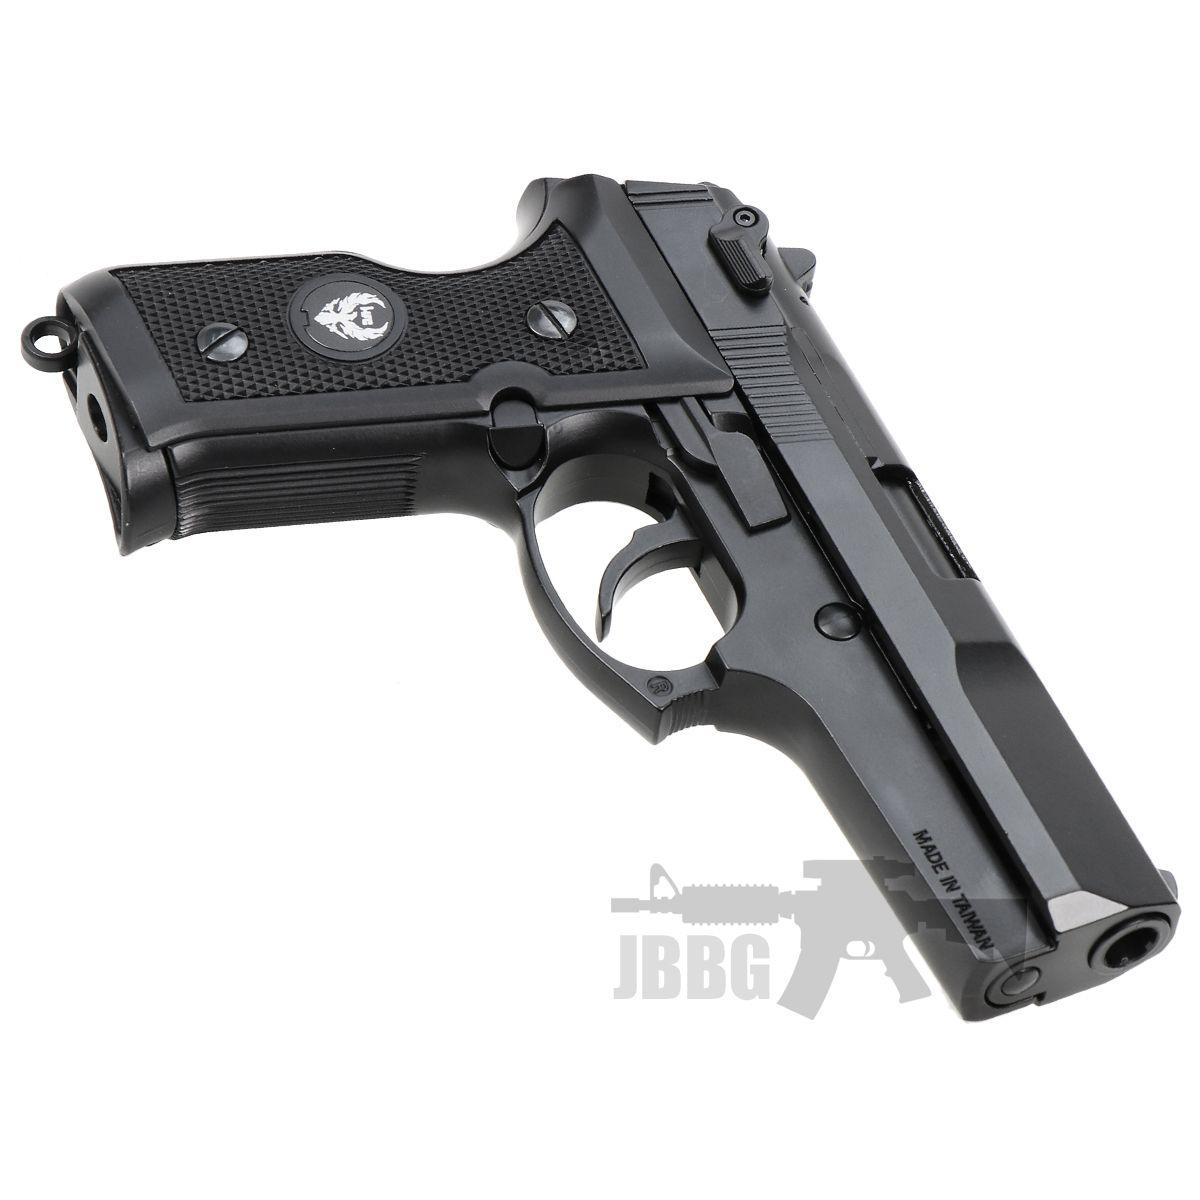 hg160 semi auto airsoft pistol 8